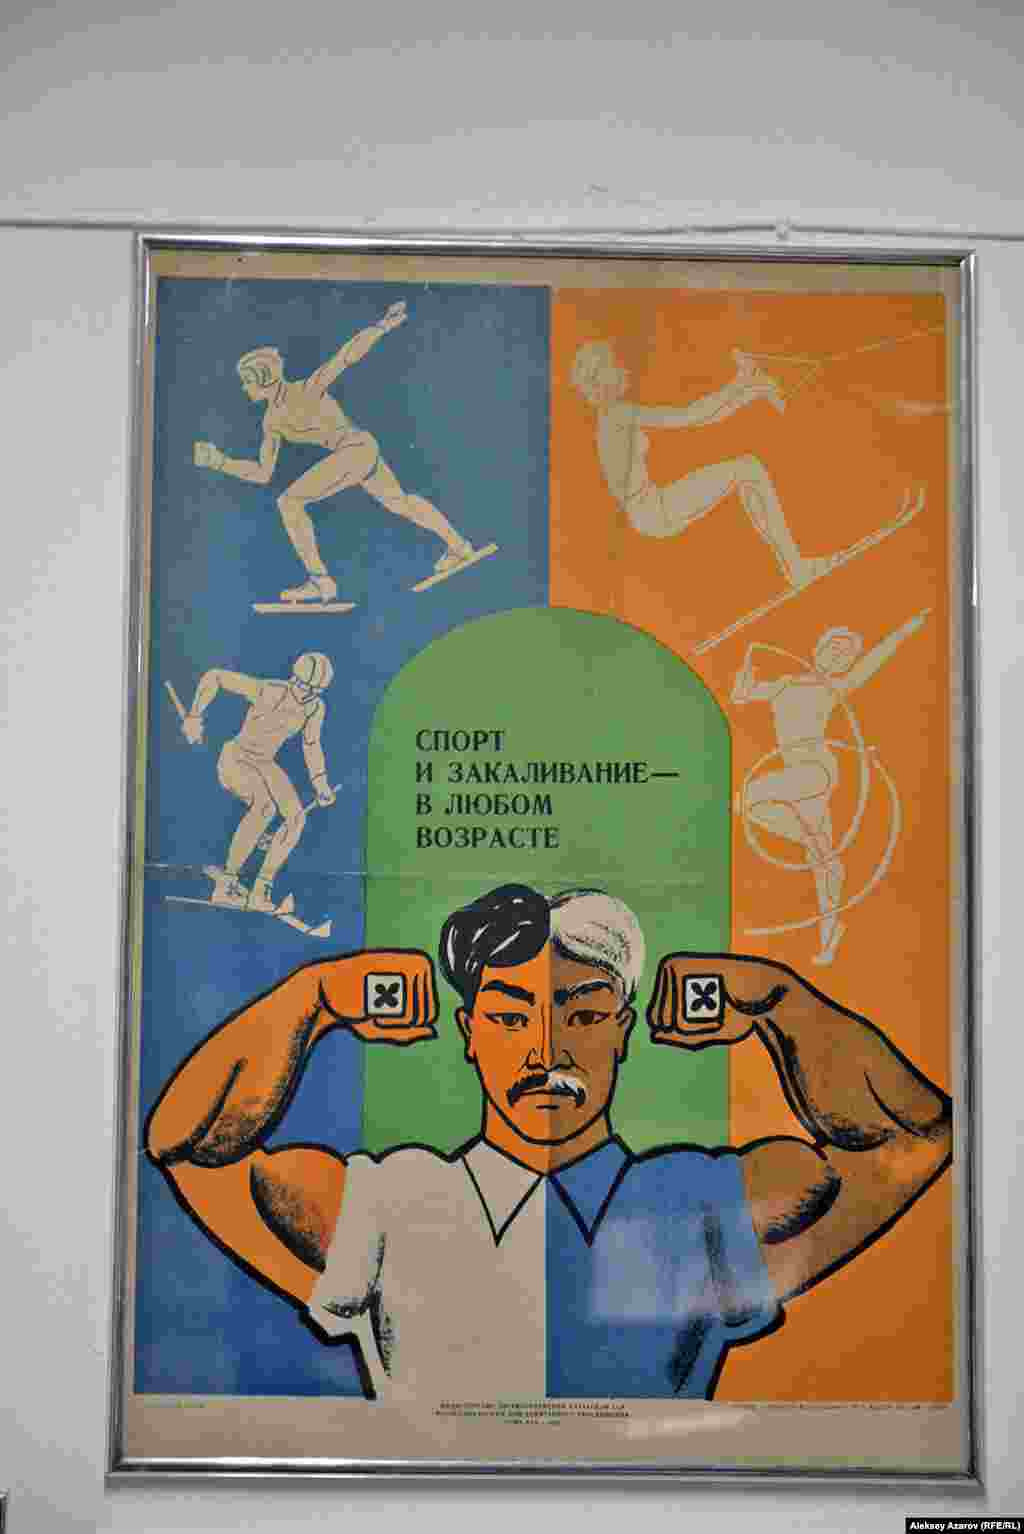 Это чуть ли не единственный казахстанский плакат на выставке.Как видно, он содержит призыв к здоровому образу жизни. Его выпустил в 1978 году Республиканский дом санитарного просвещения. Плакат создал художник Сергей Сухов.